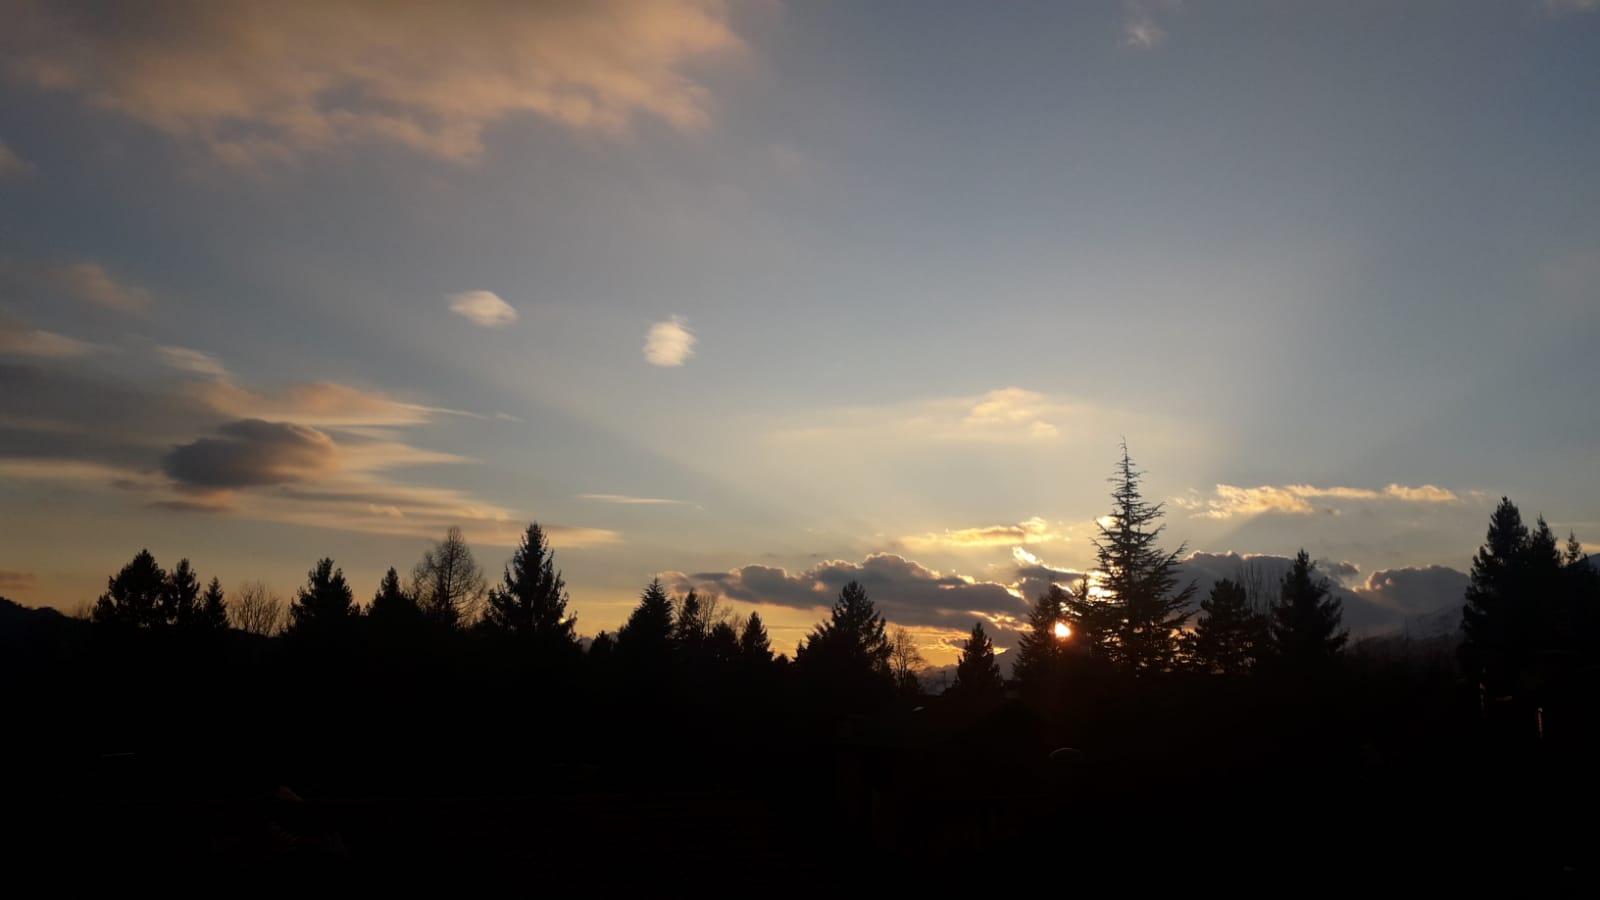 C'è il sole all'orizzonte: una nuova alba sta sorgendo